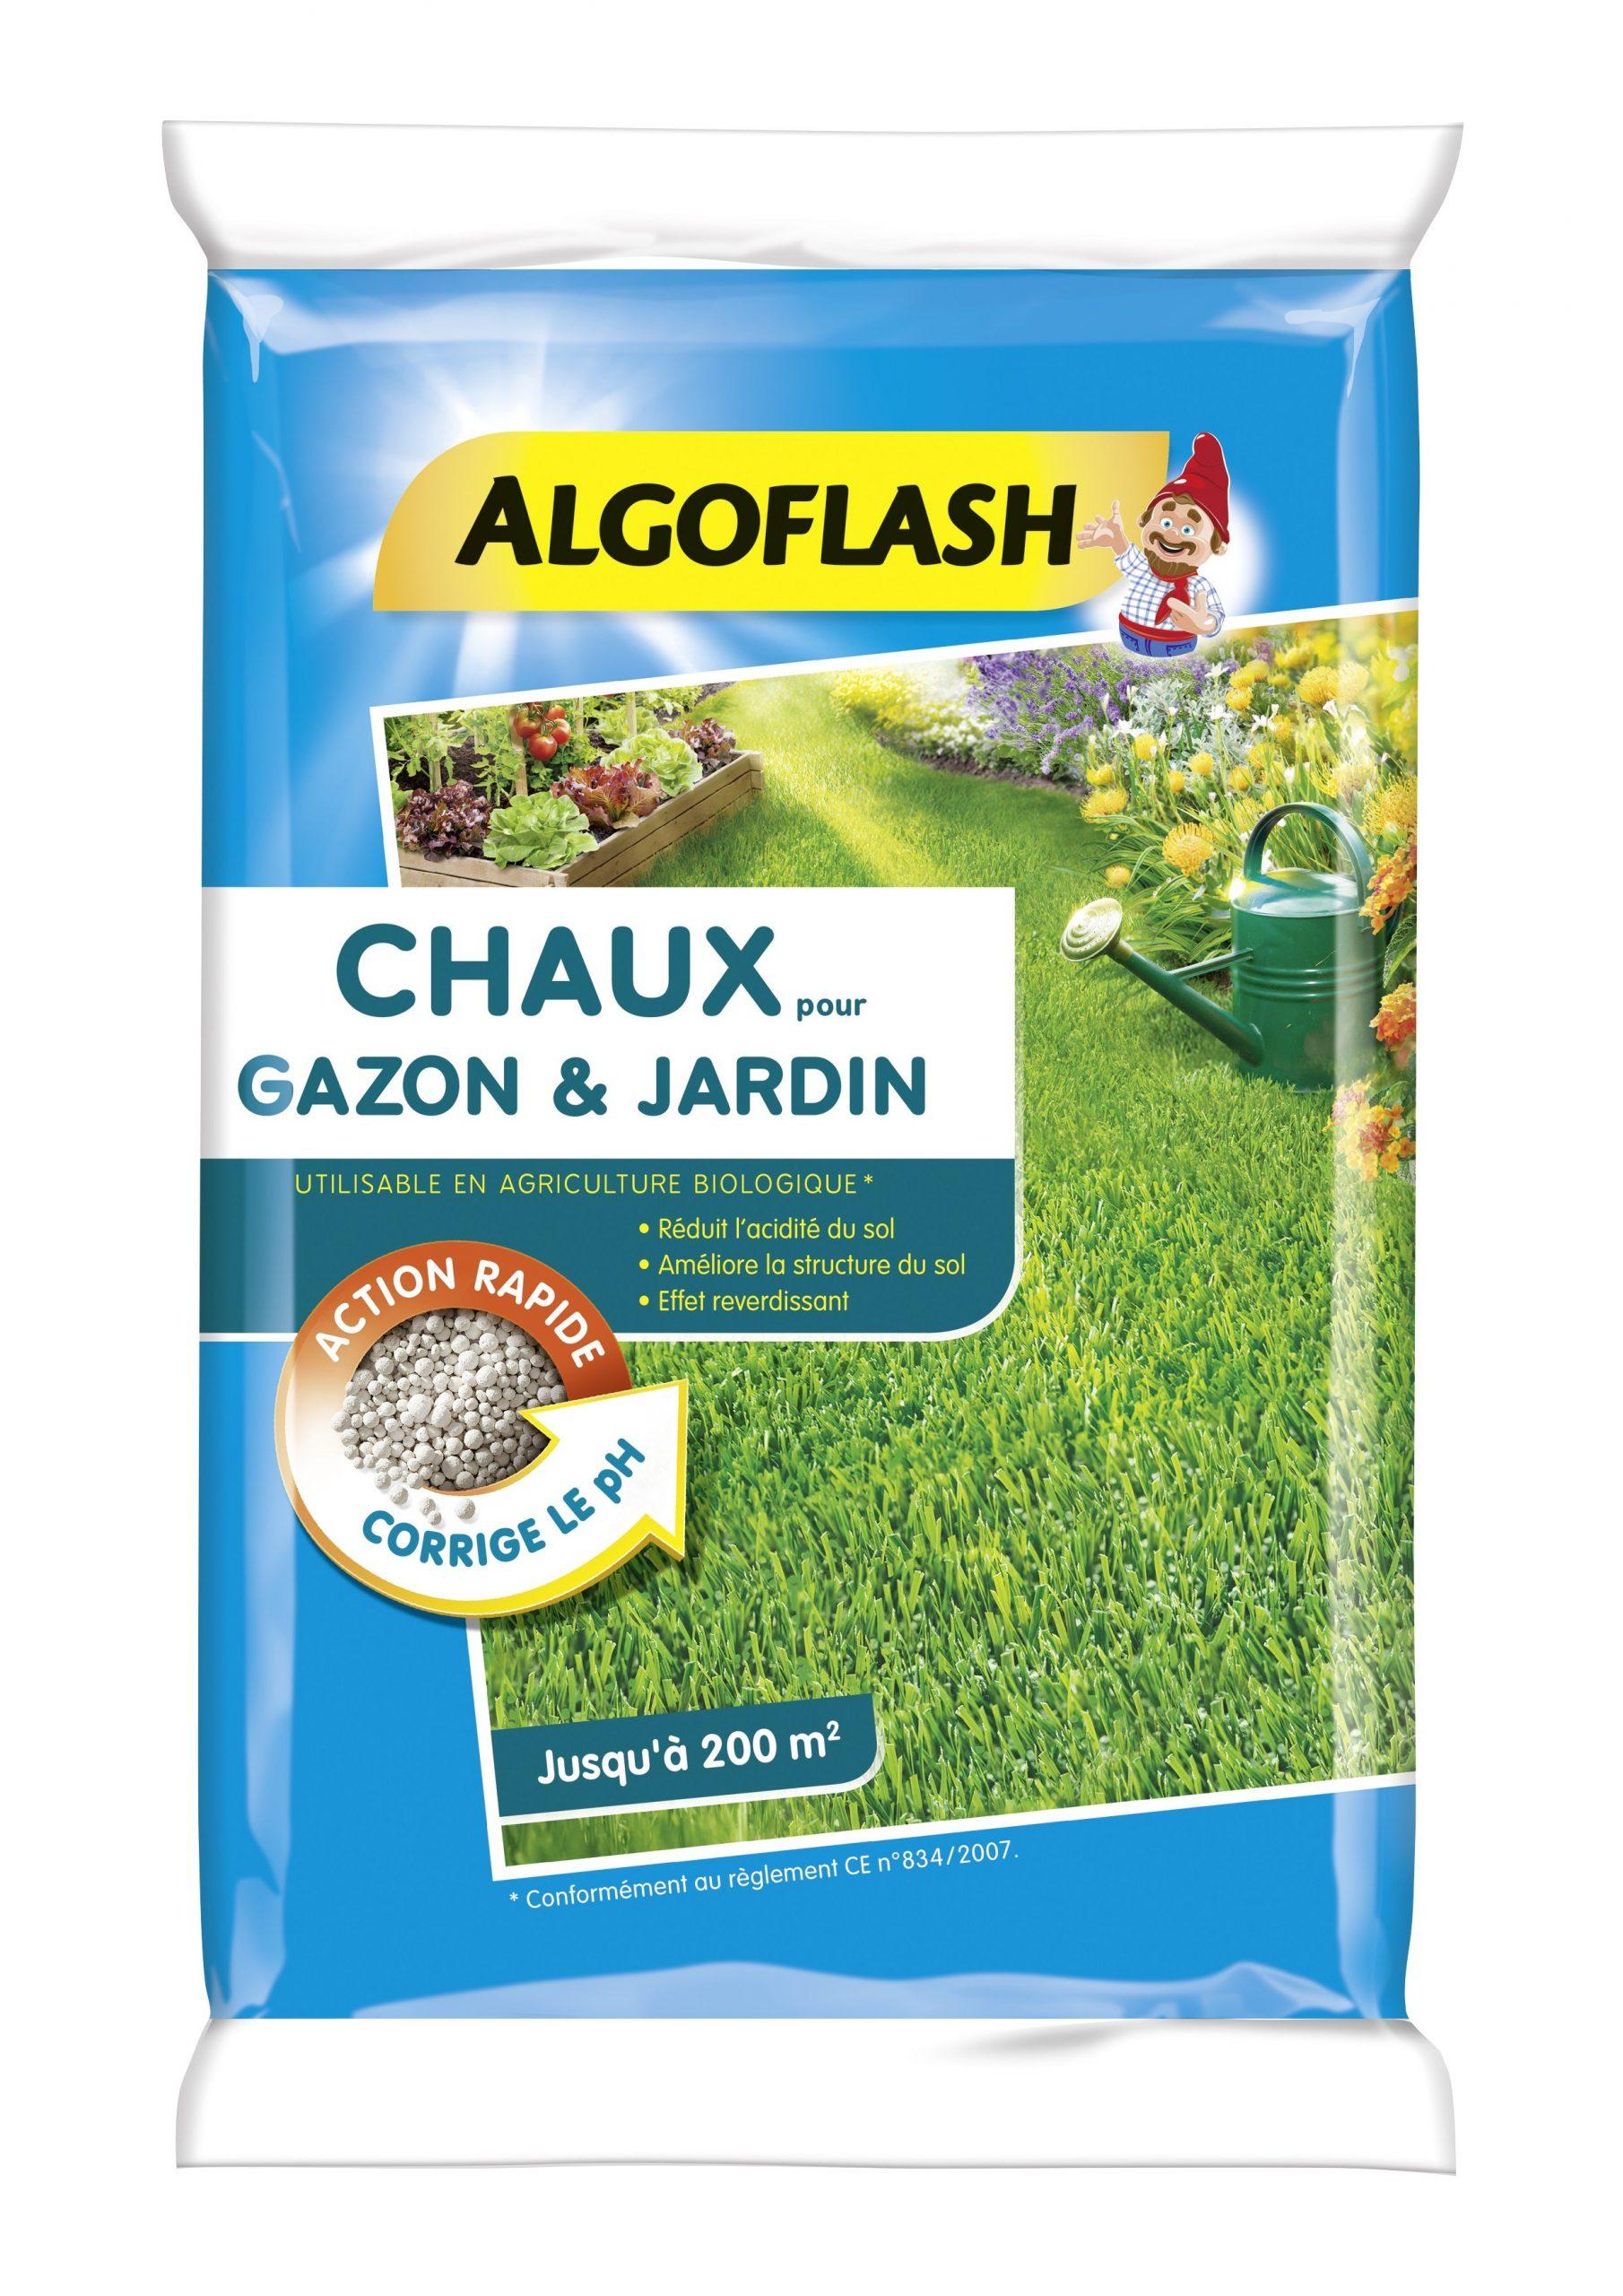 Chaux Gazon Et Jardin Algoflash 10Kg 200 M² avec Chaux Vive Au Jardin